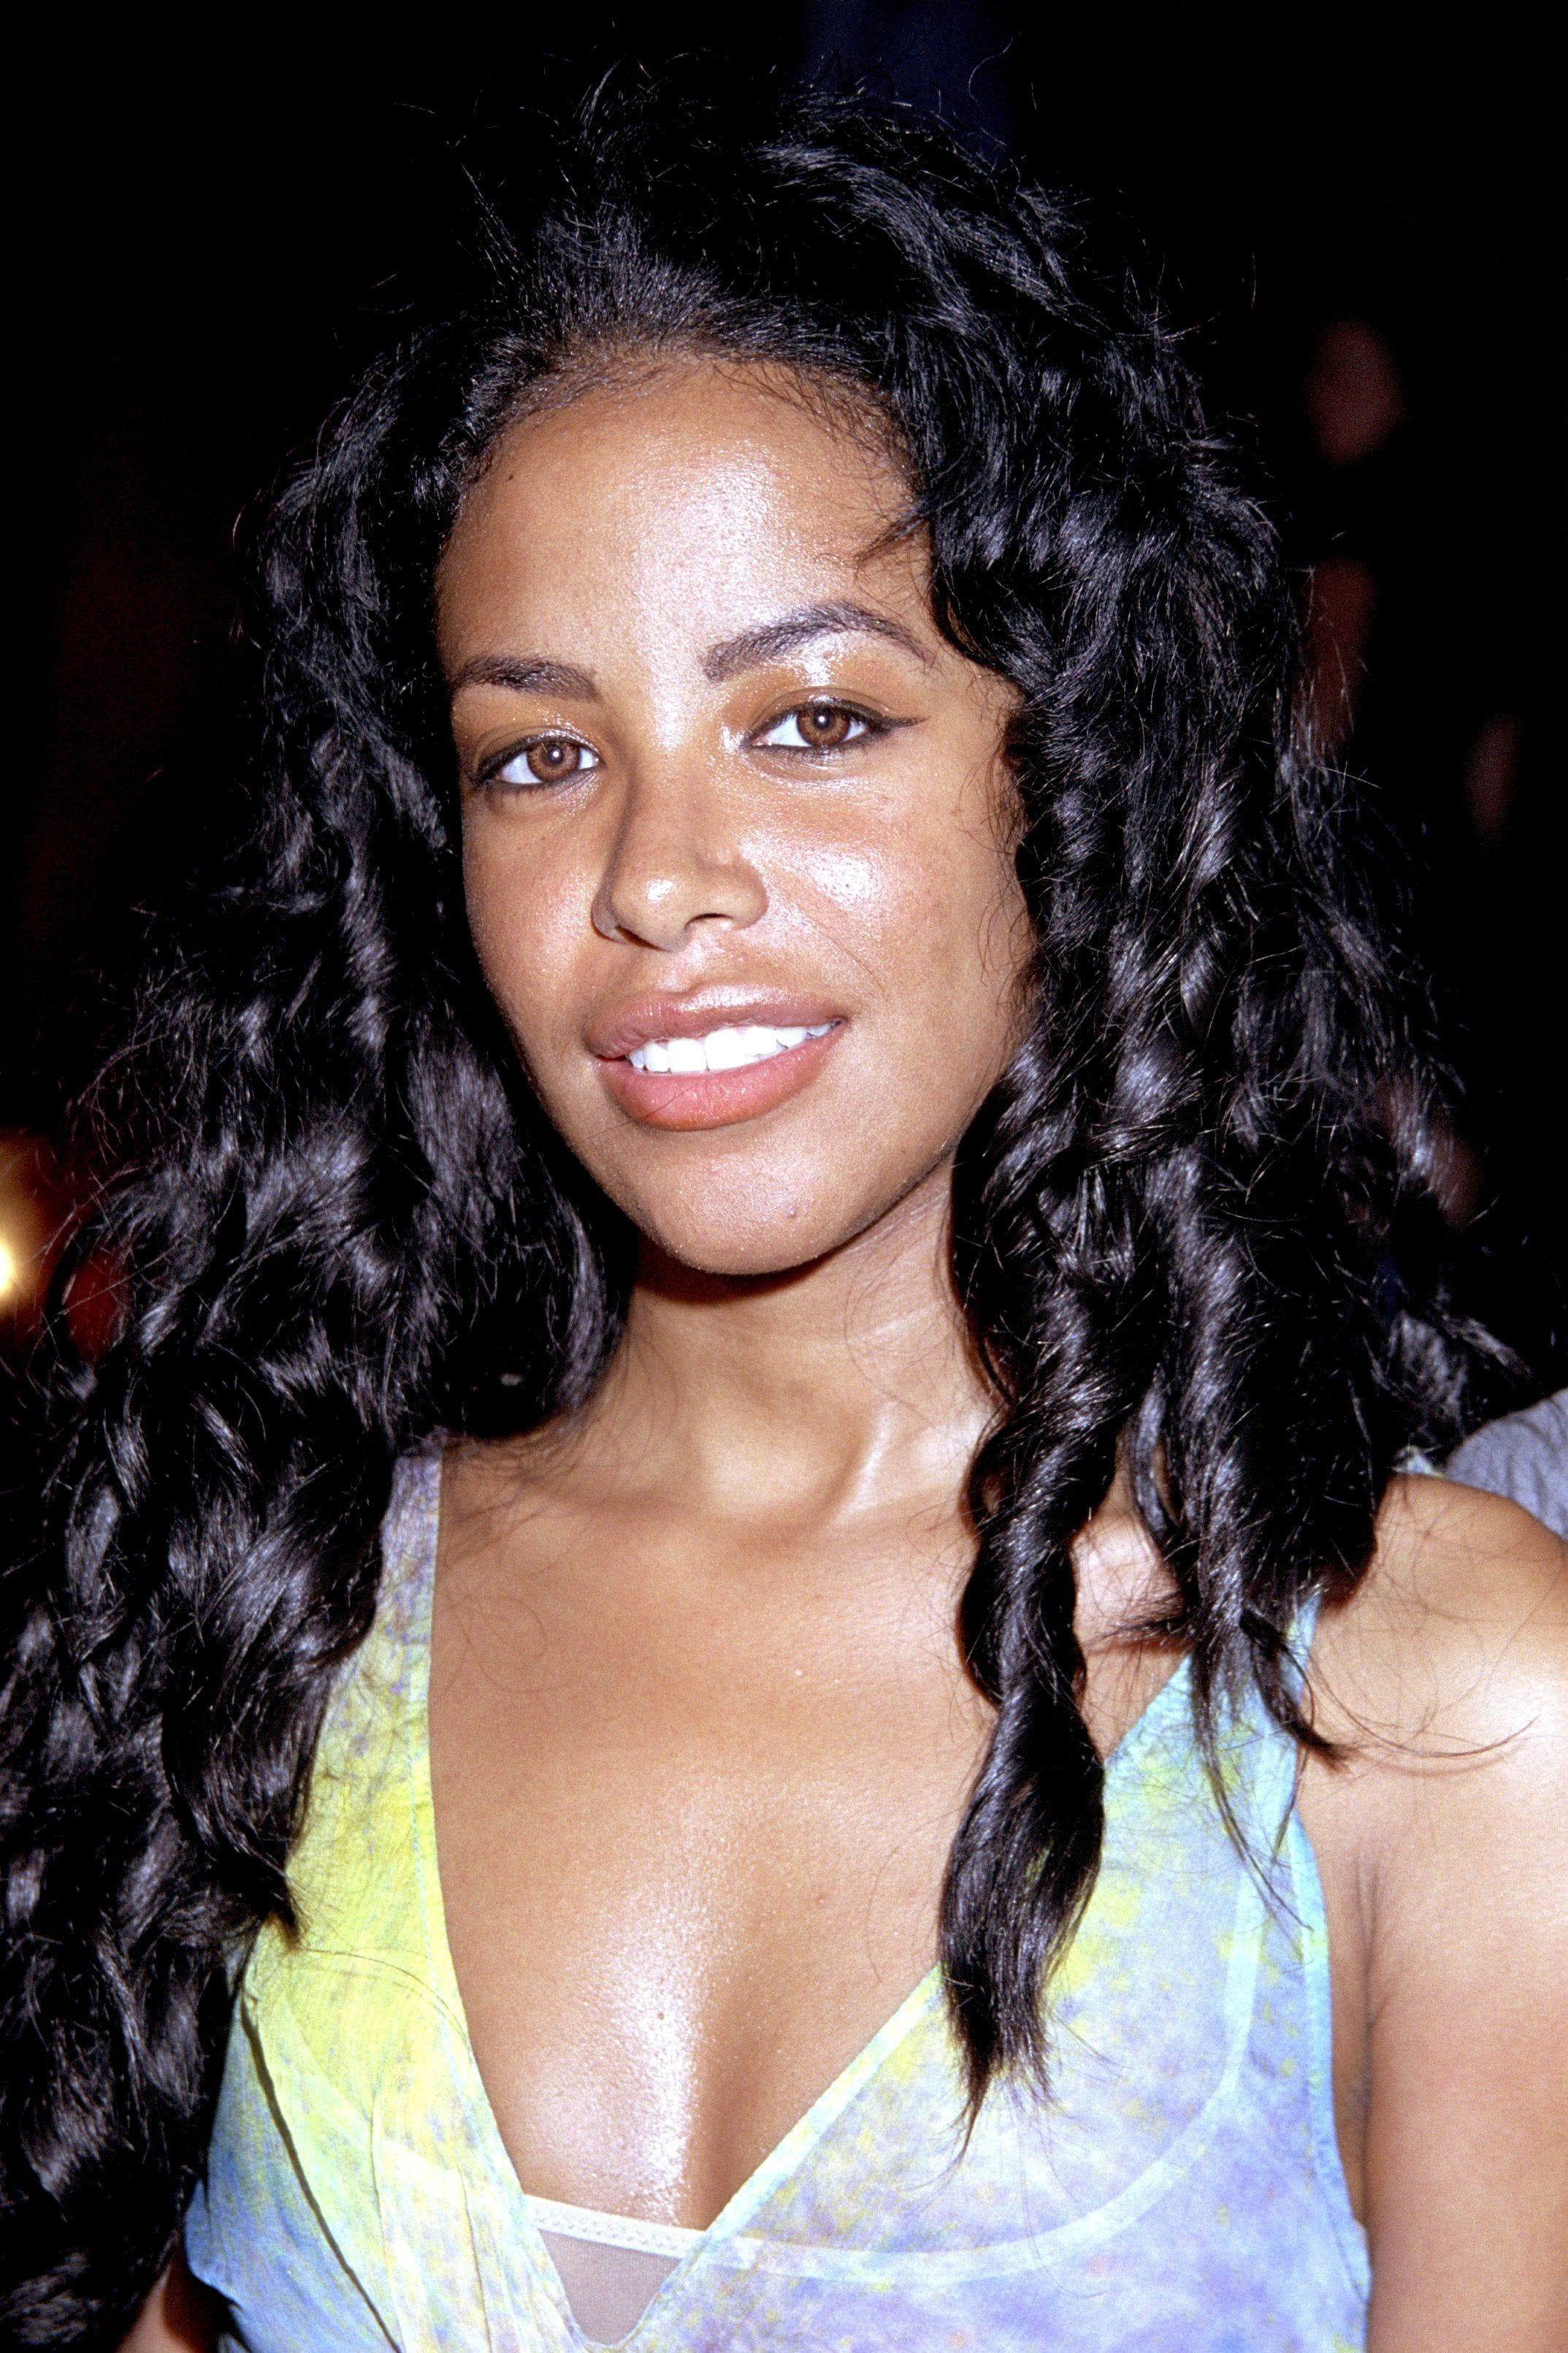 Tall black female singer